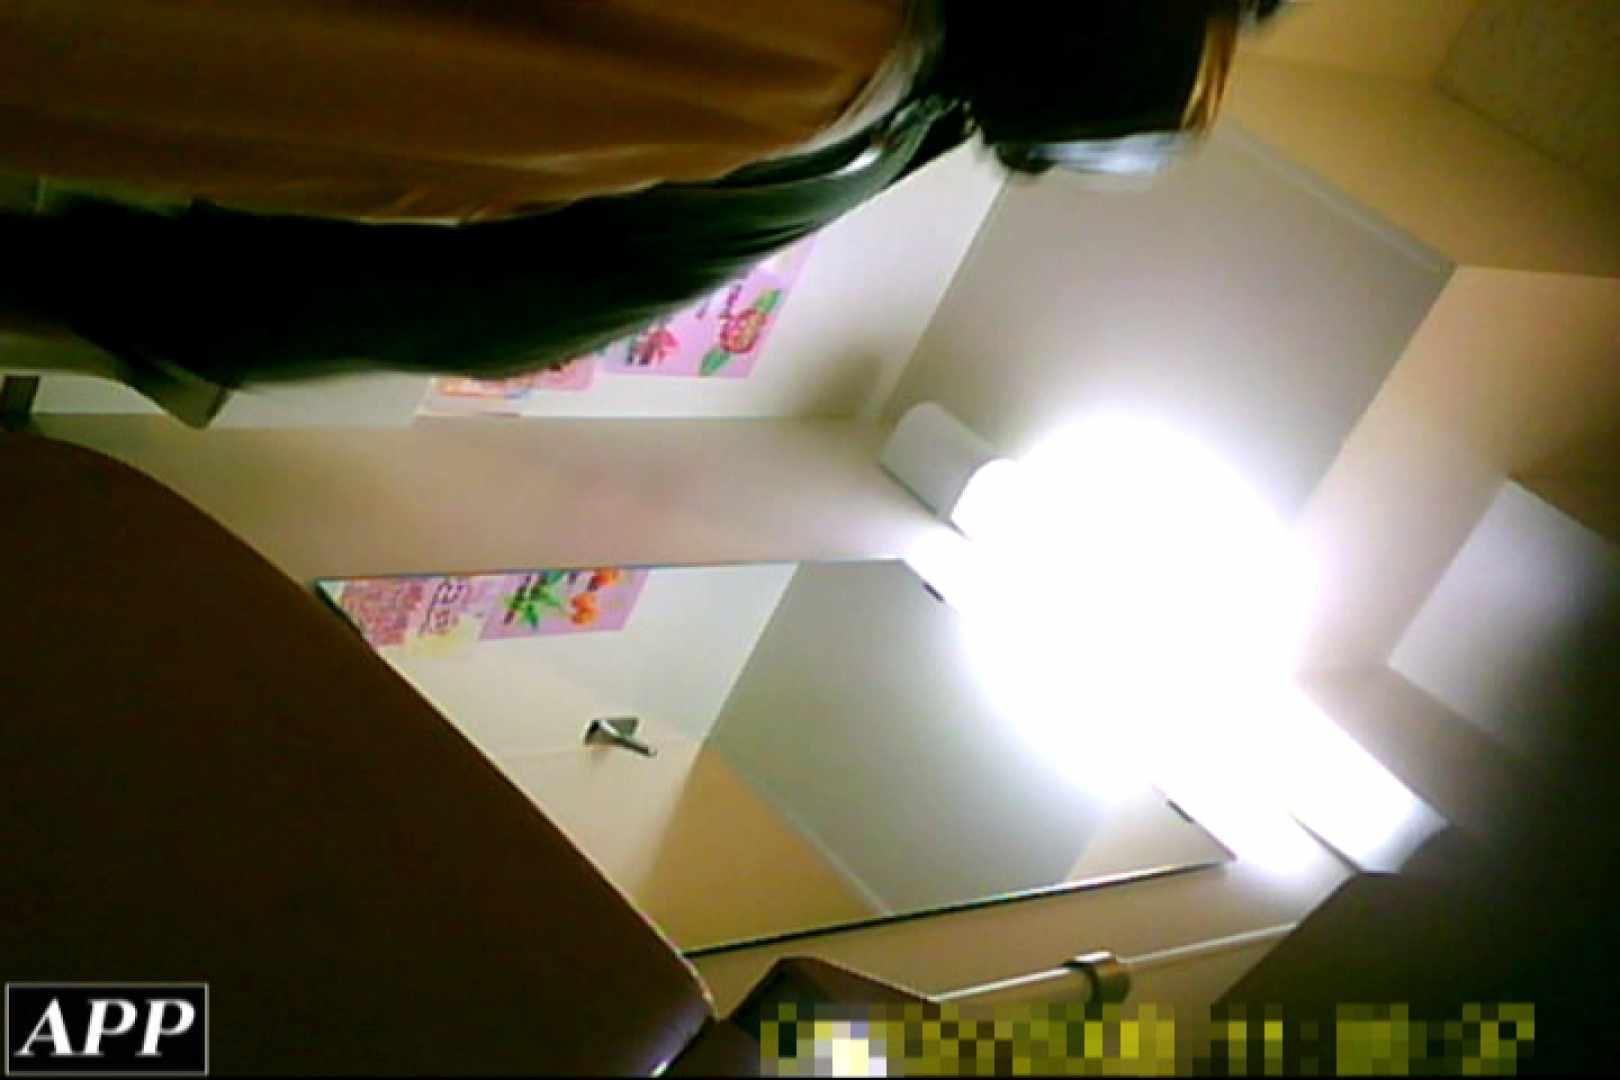 3視点洗面所 vol.118 OLのボディ エロ無料画像 88PIX 69